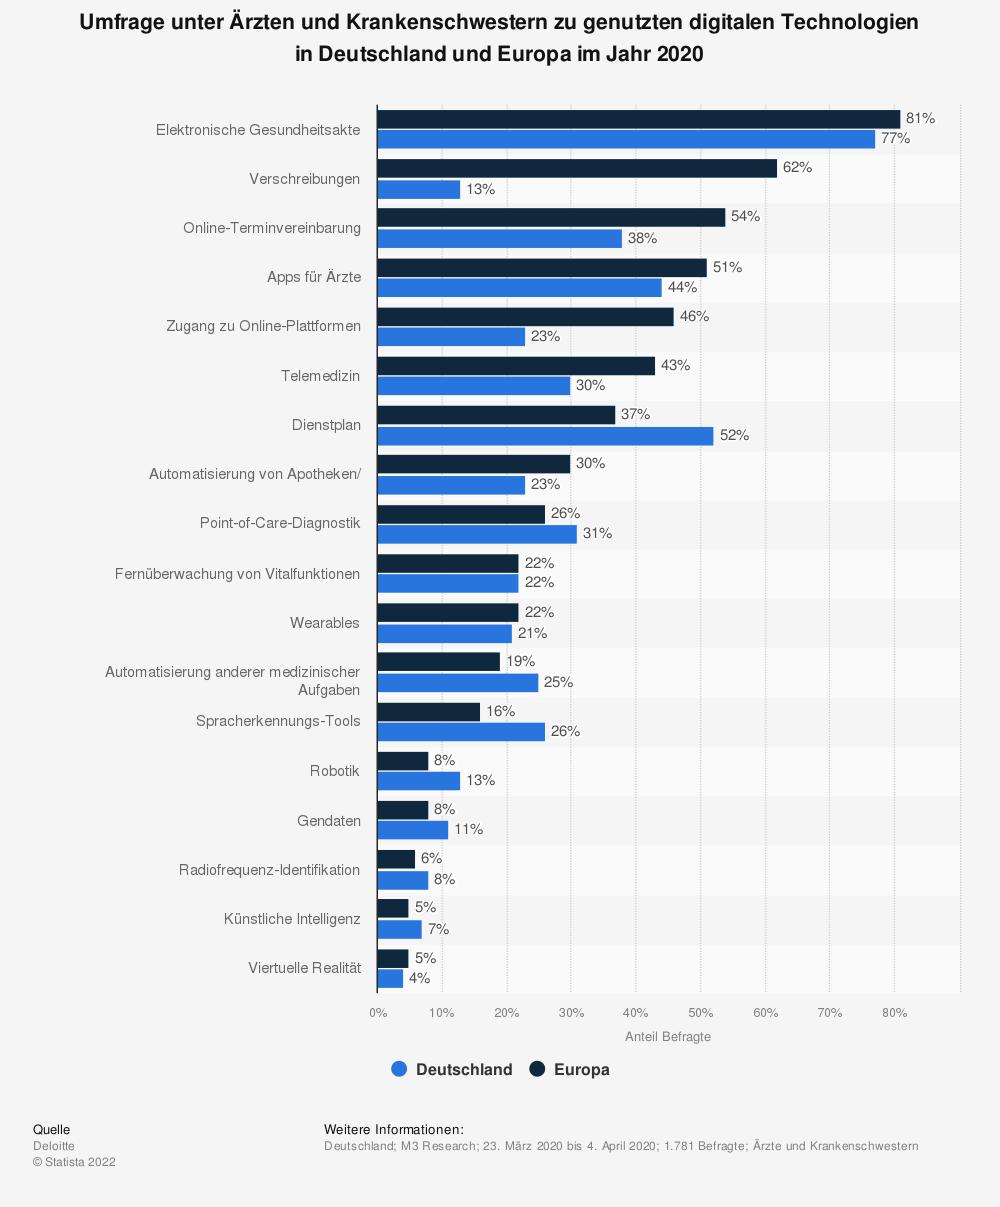 Statistik: Umfrage unter Ärzten und Krankenschwestern zu genutzten digitalen Technologien in Deutschland und Europa im Jahr 2020 | Statista